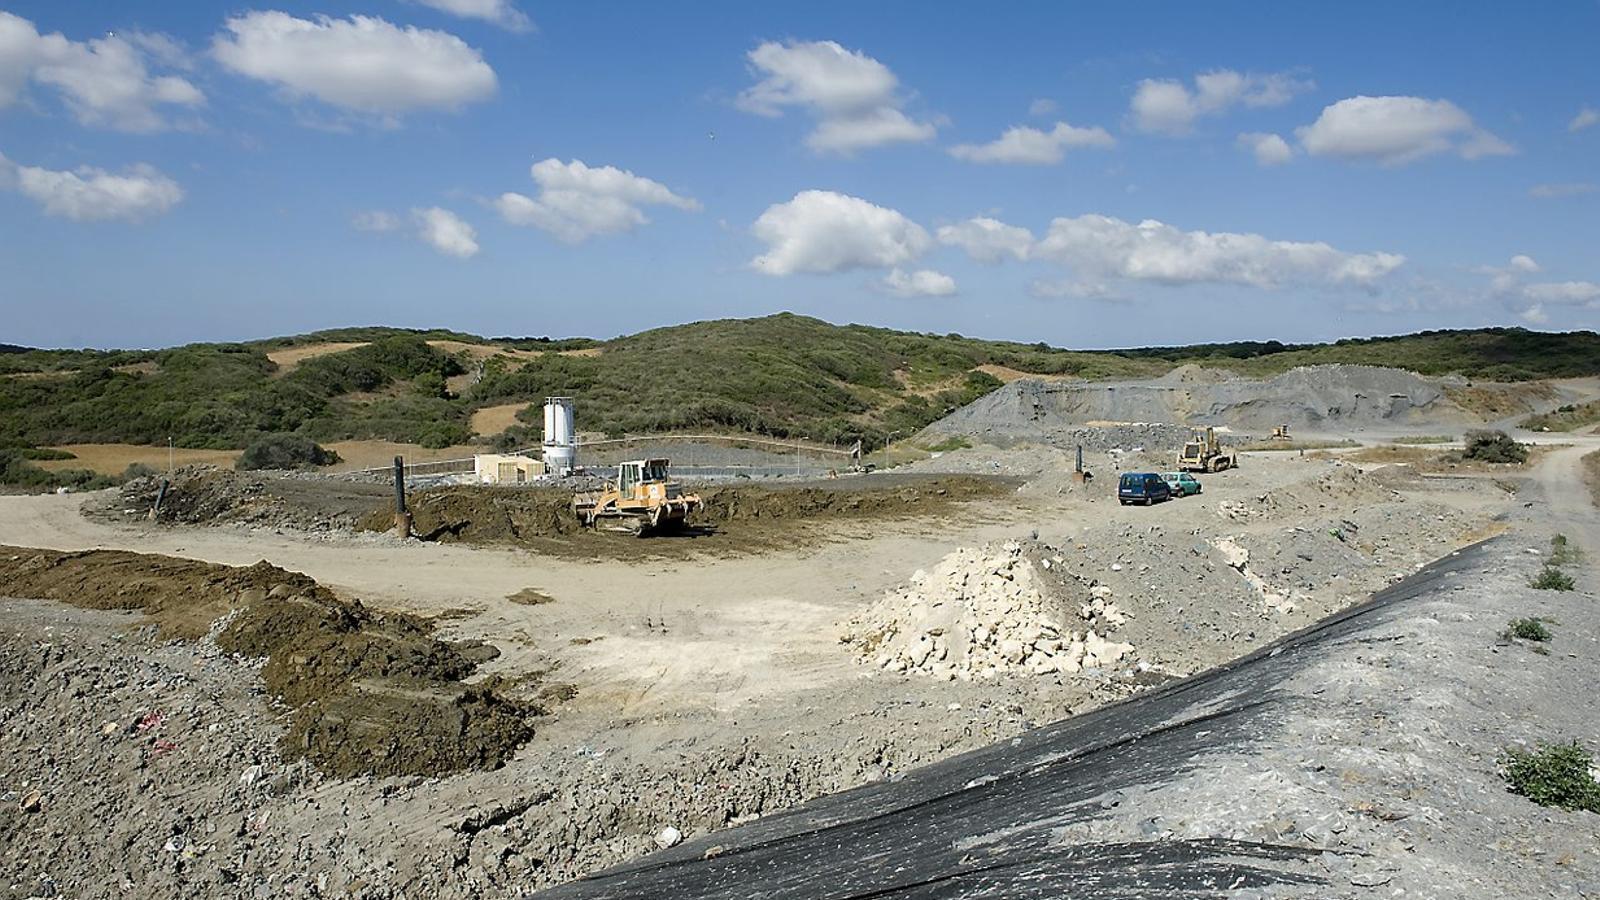 Menorca aprova el Pla de residus 2019-2025, que destina 34,5 milions d'euros a inversió